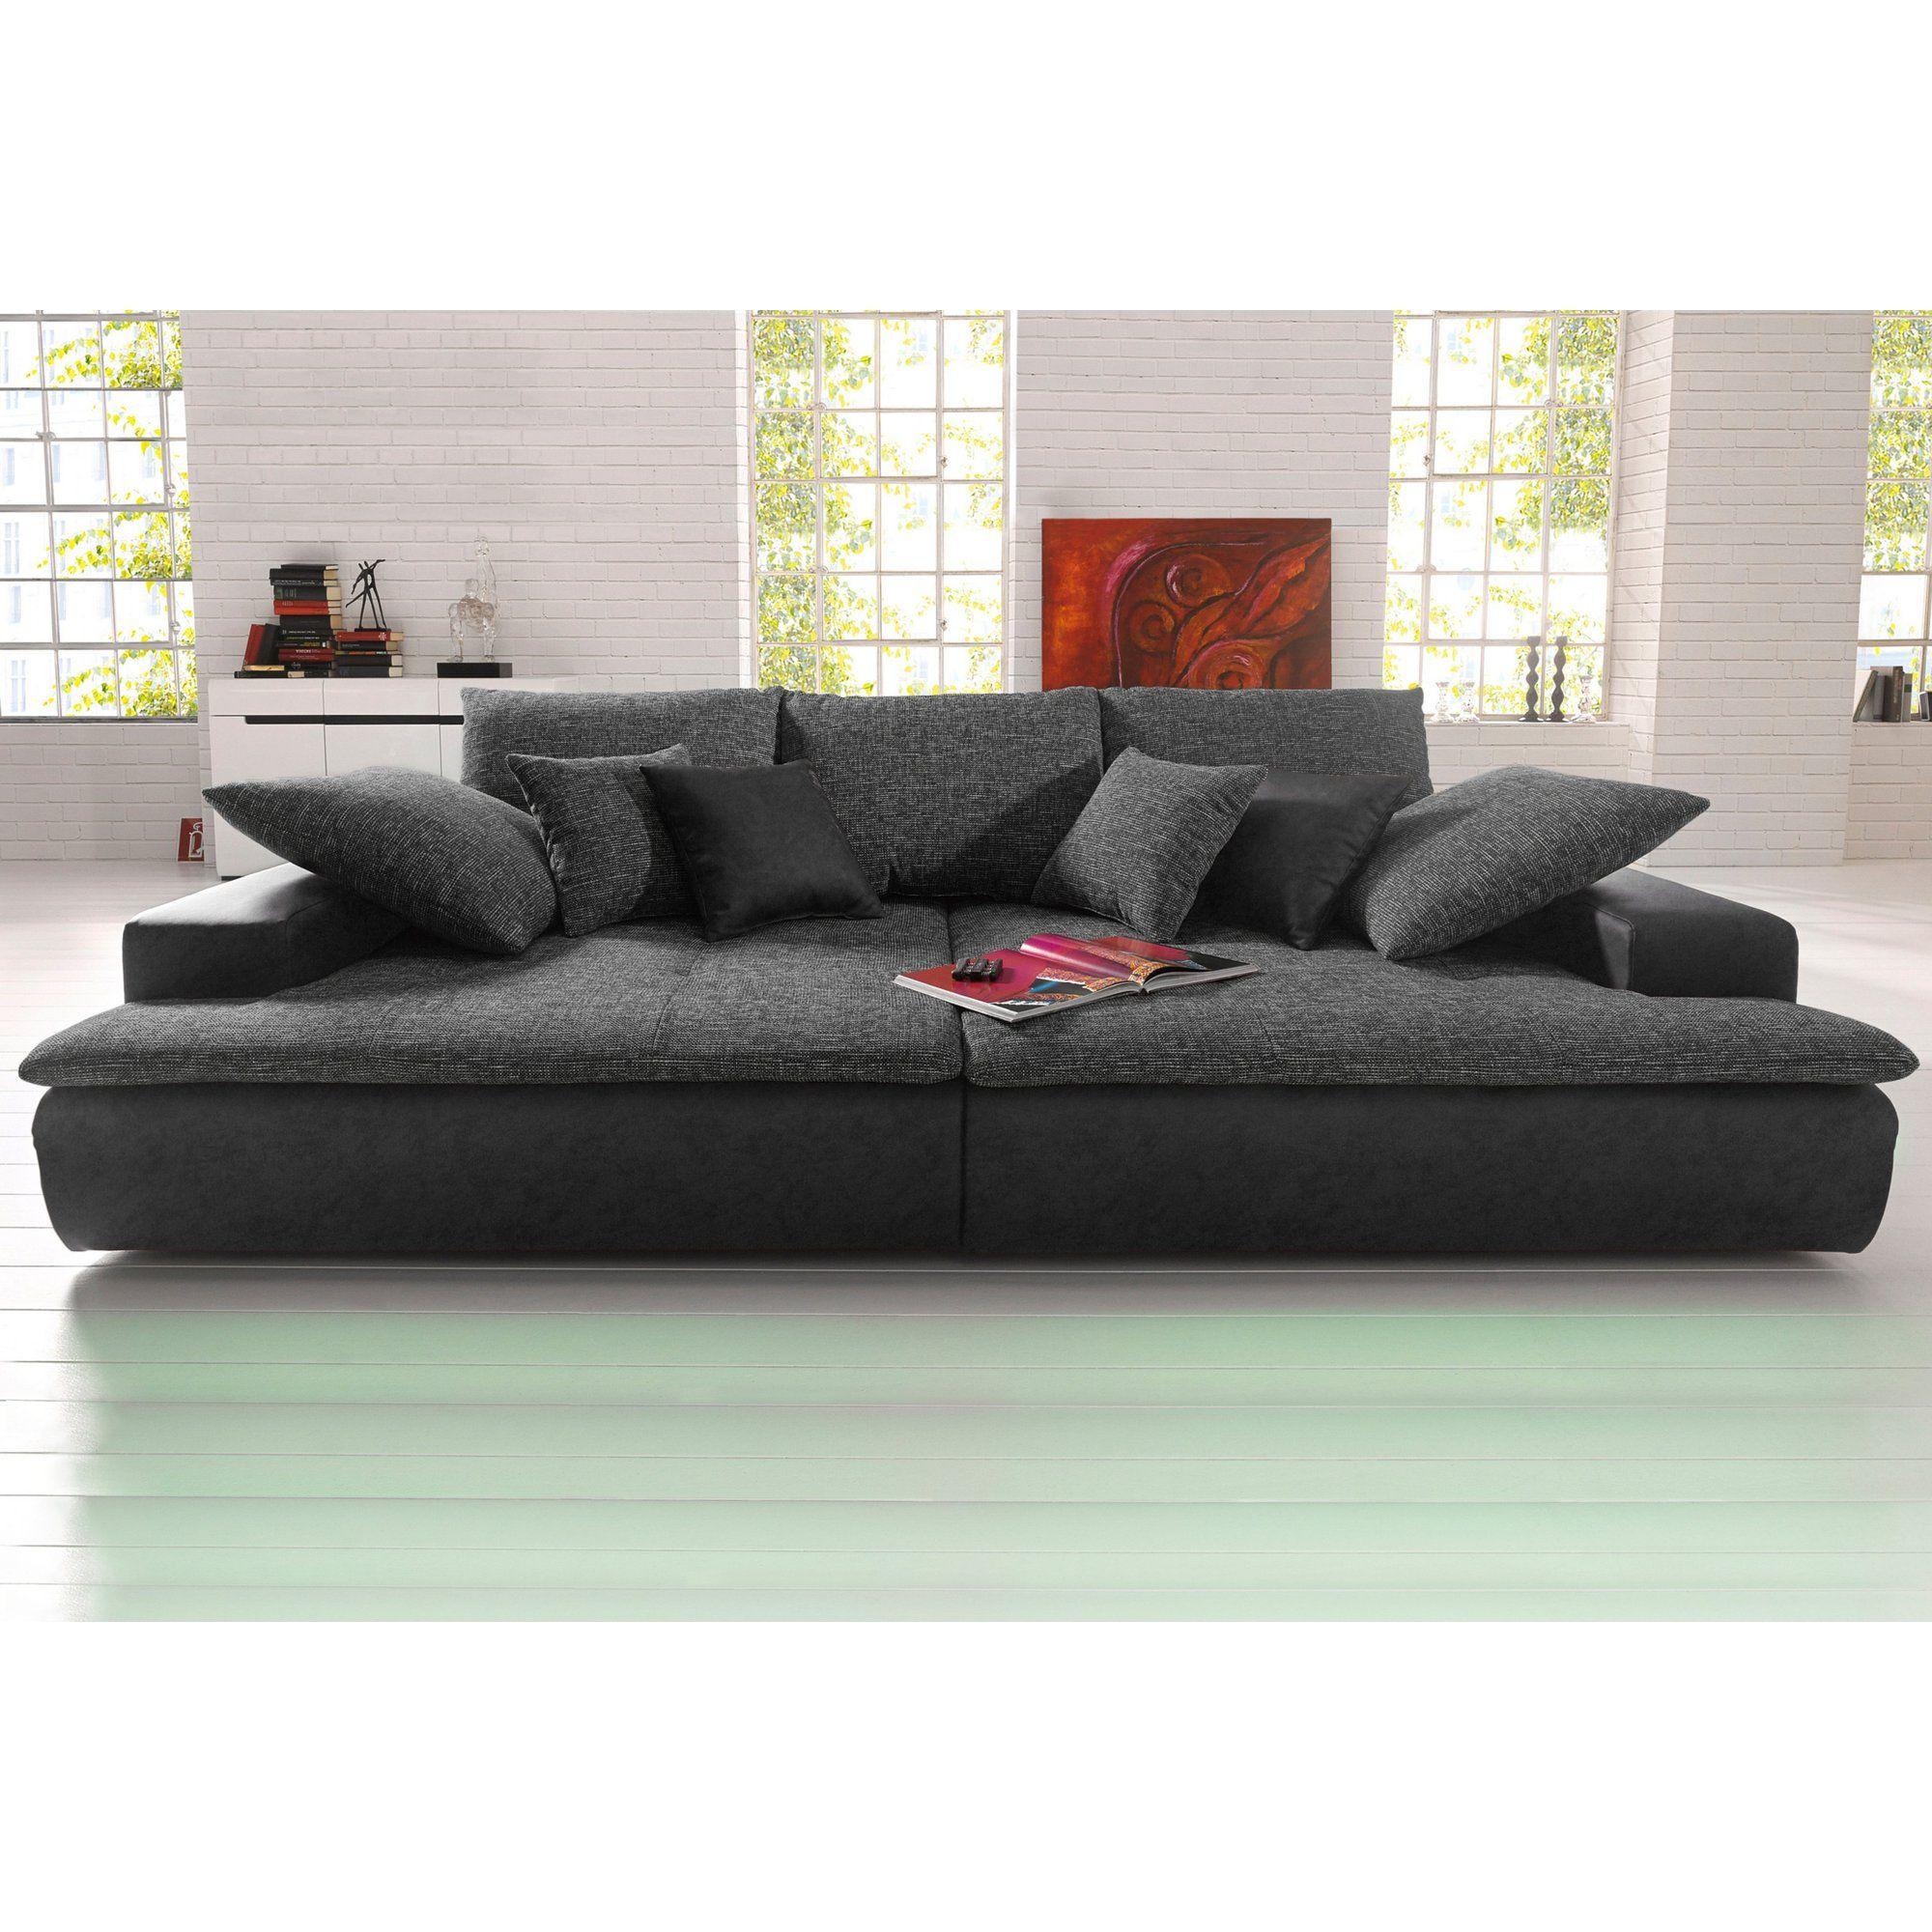 canape xl ou xxl microfibre et tissu aspect tweed la grande profondeur d assise et les nombreux coussins font de ce grand canape moderne et tendance